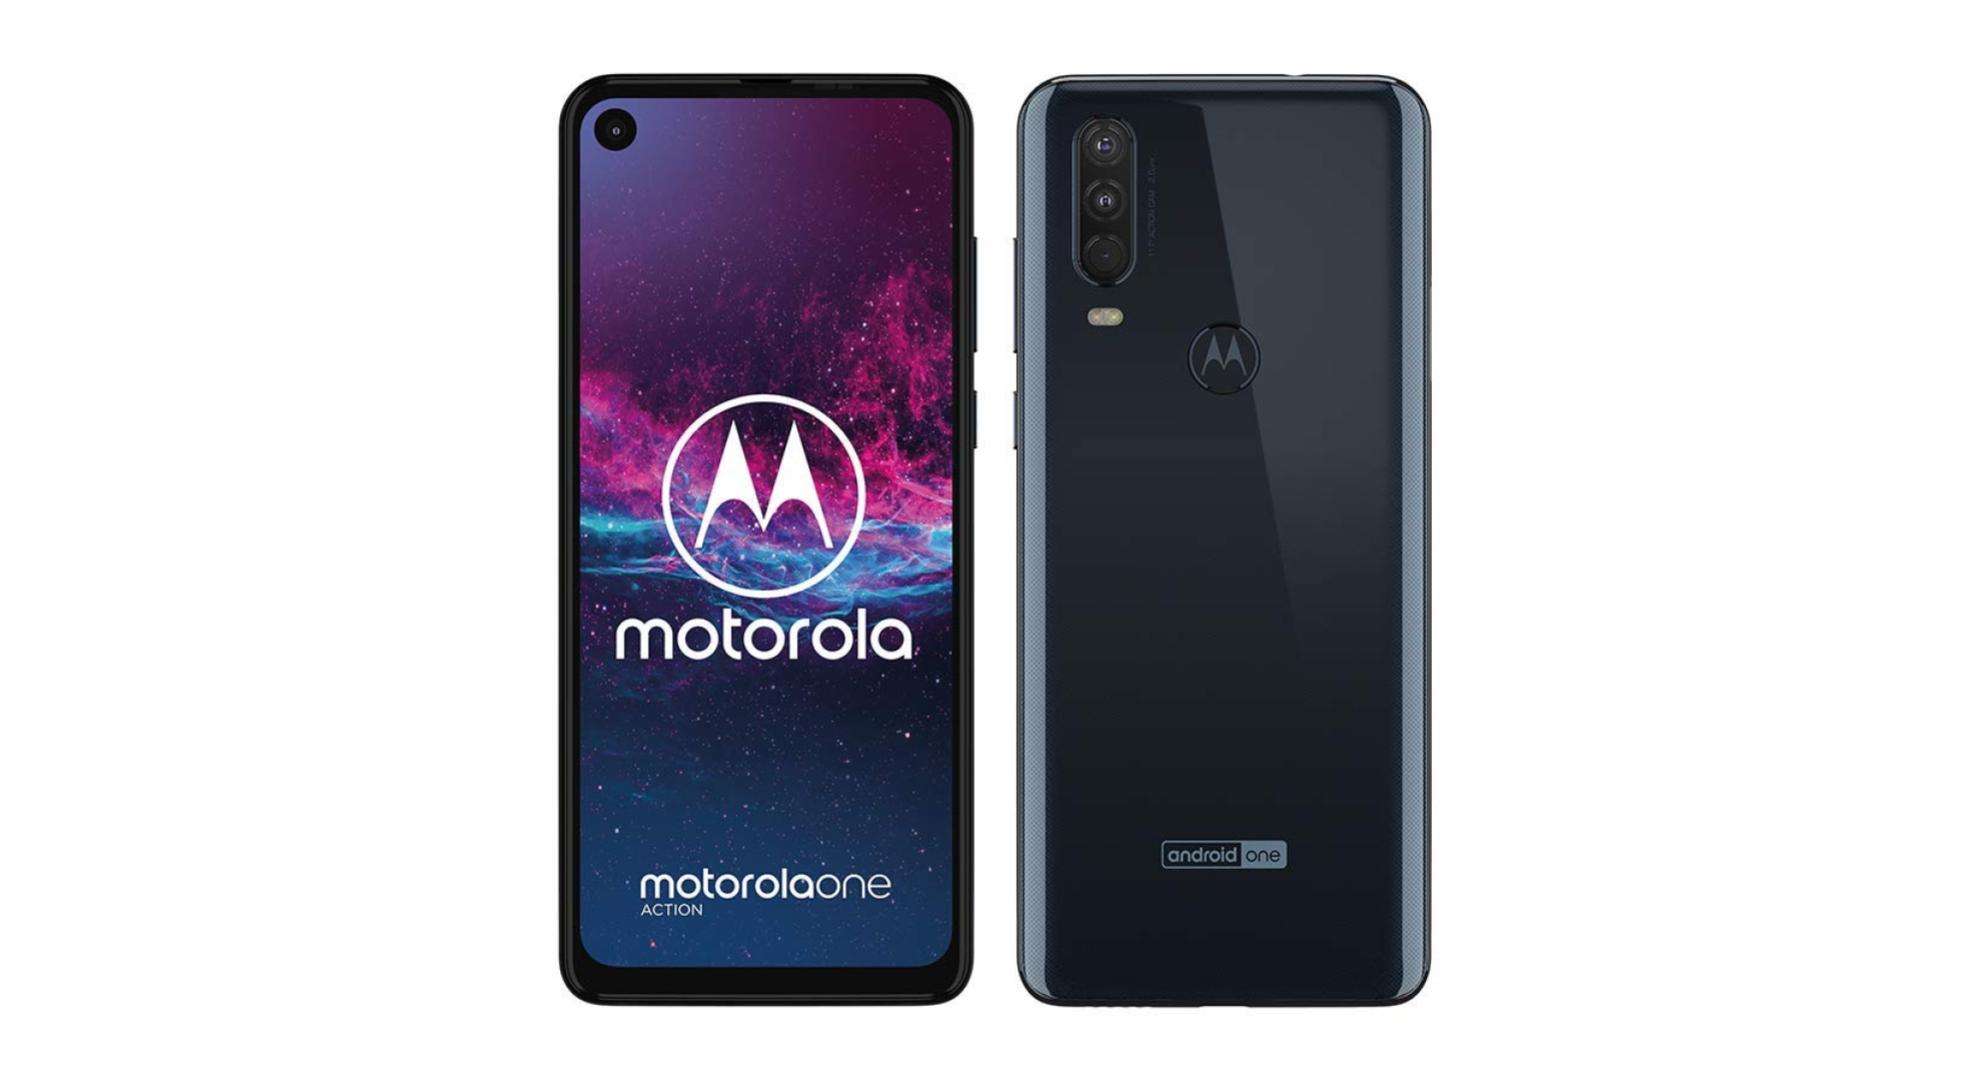 Où acheter le Motorola One Action au meilleur prix en 2019 ? Toutes les offres